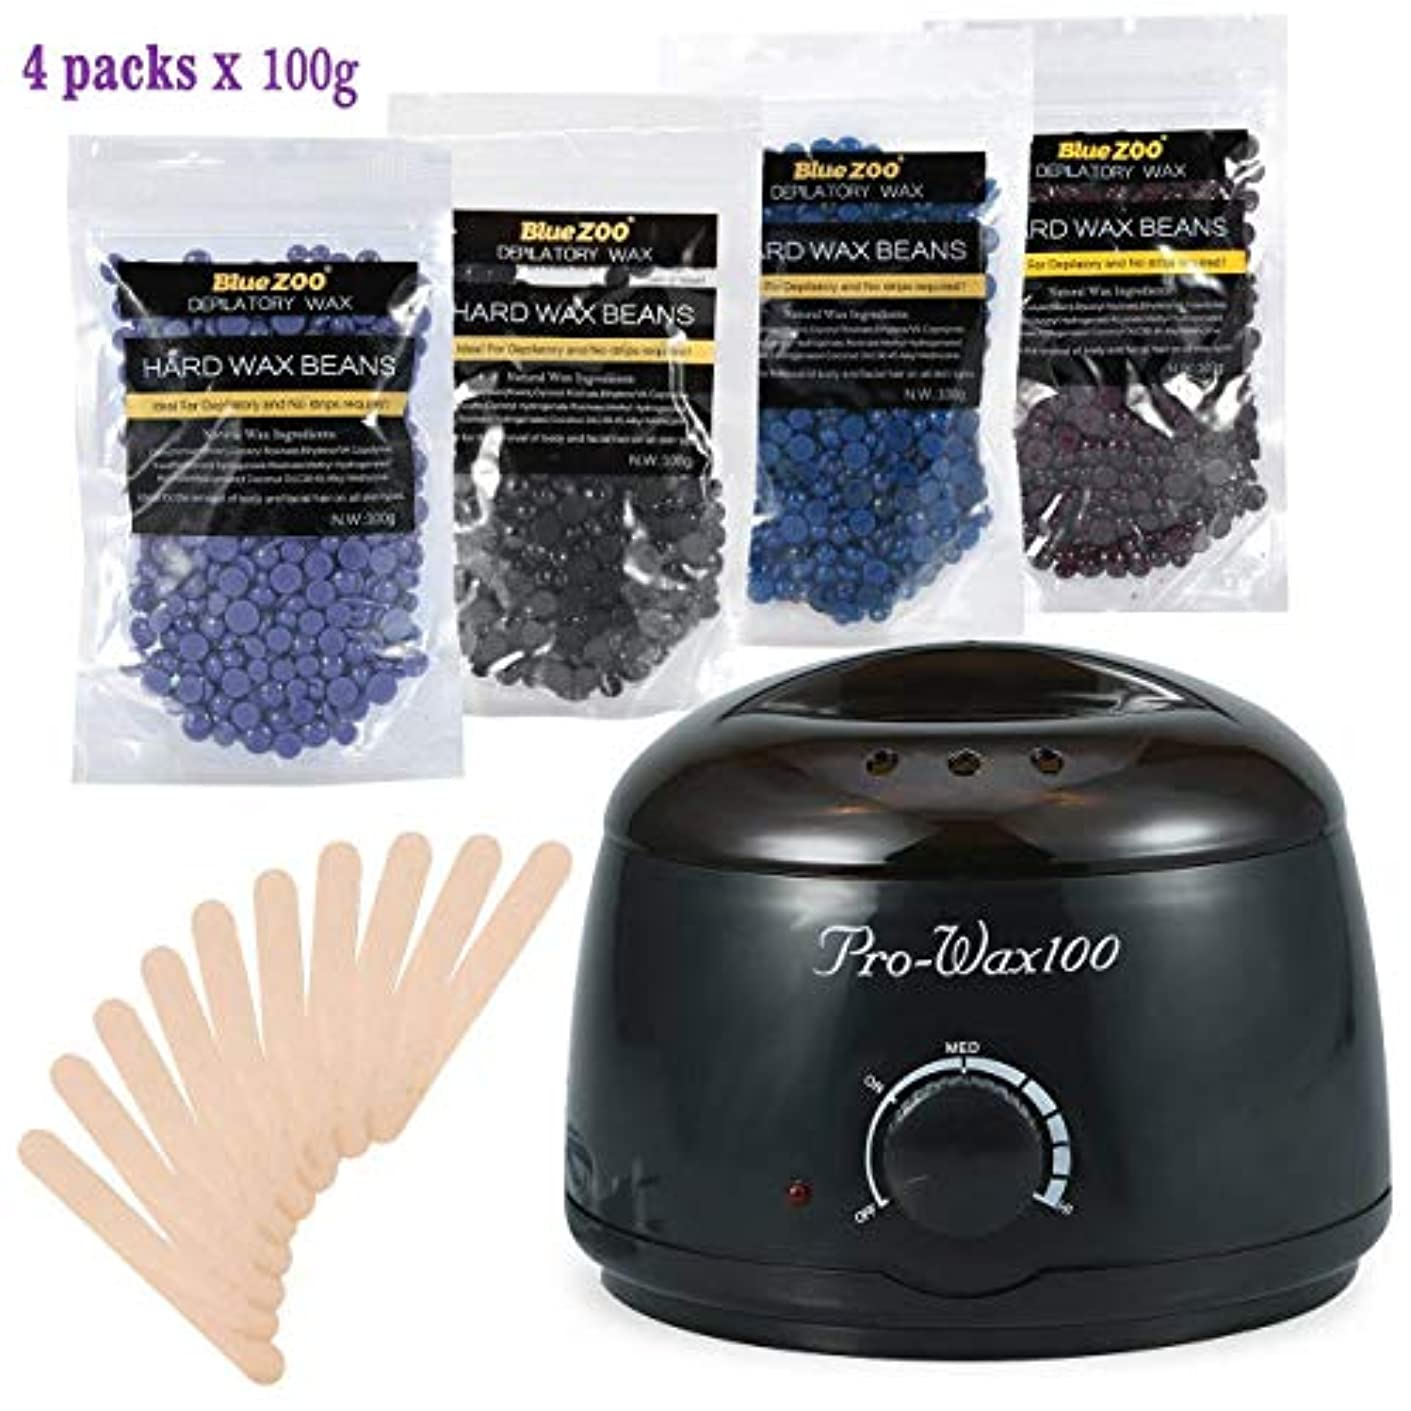 ウェイター思い出させるブランデーボディービキニ脱毛?ワックスセット、500ml電気ワックスヒーター(ブラック)4種類のハードワックス豆と木製シャベル10種類、ワックス豆100g (1)